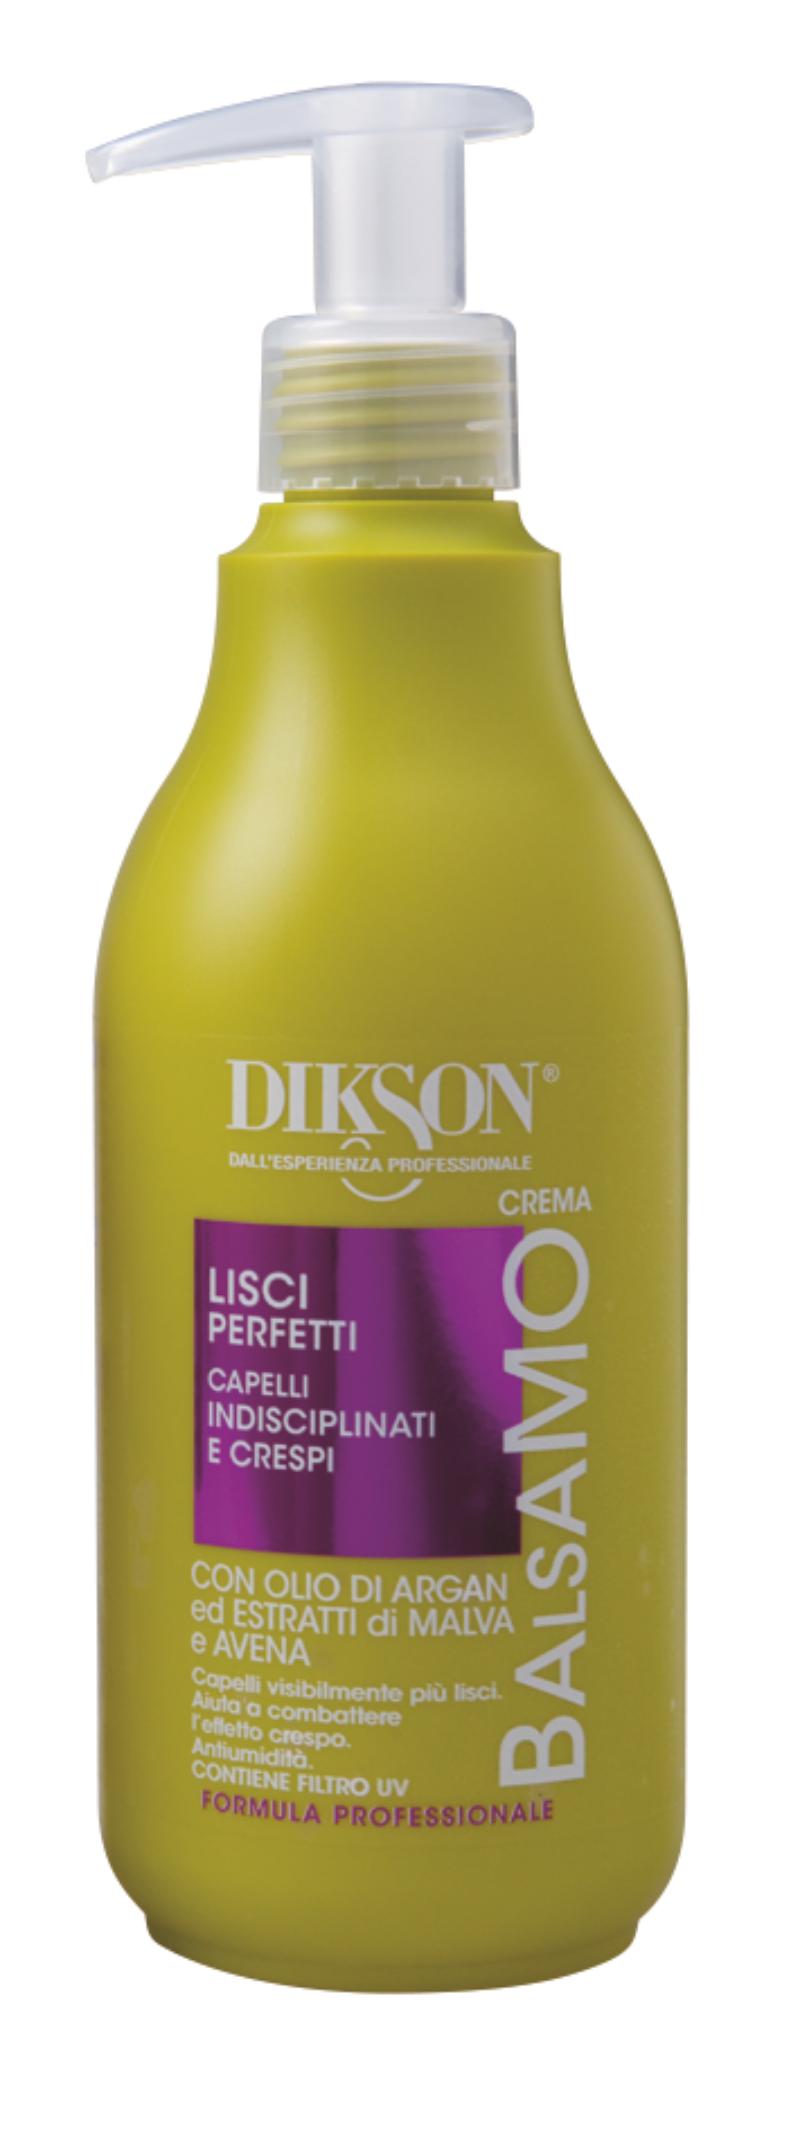 Crema-Balsamo-500-ML-LISCI-PERFETTI